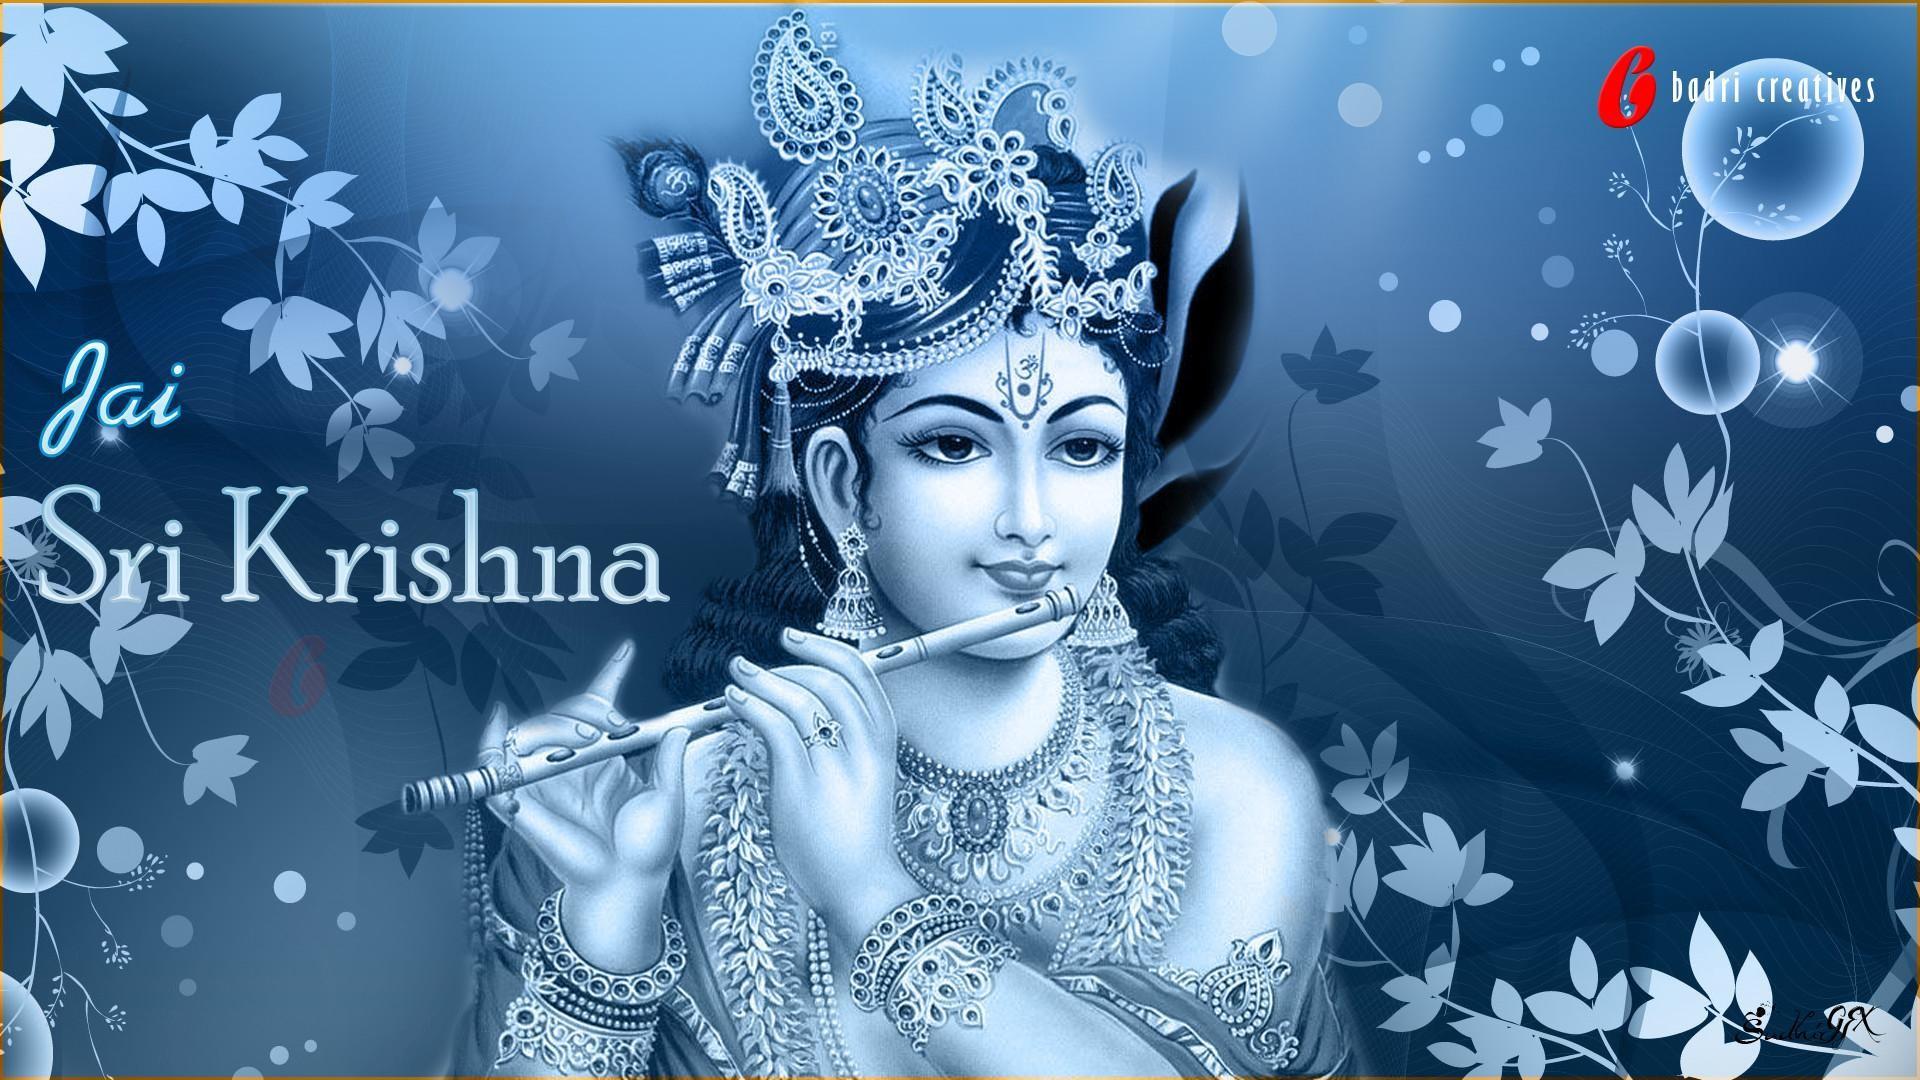 Download Wallpaper   Data-src /w/full/b/2/f/469651 - Lord Krishna Wallpaper Full Hd - HD Wallpaper